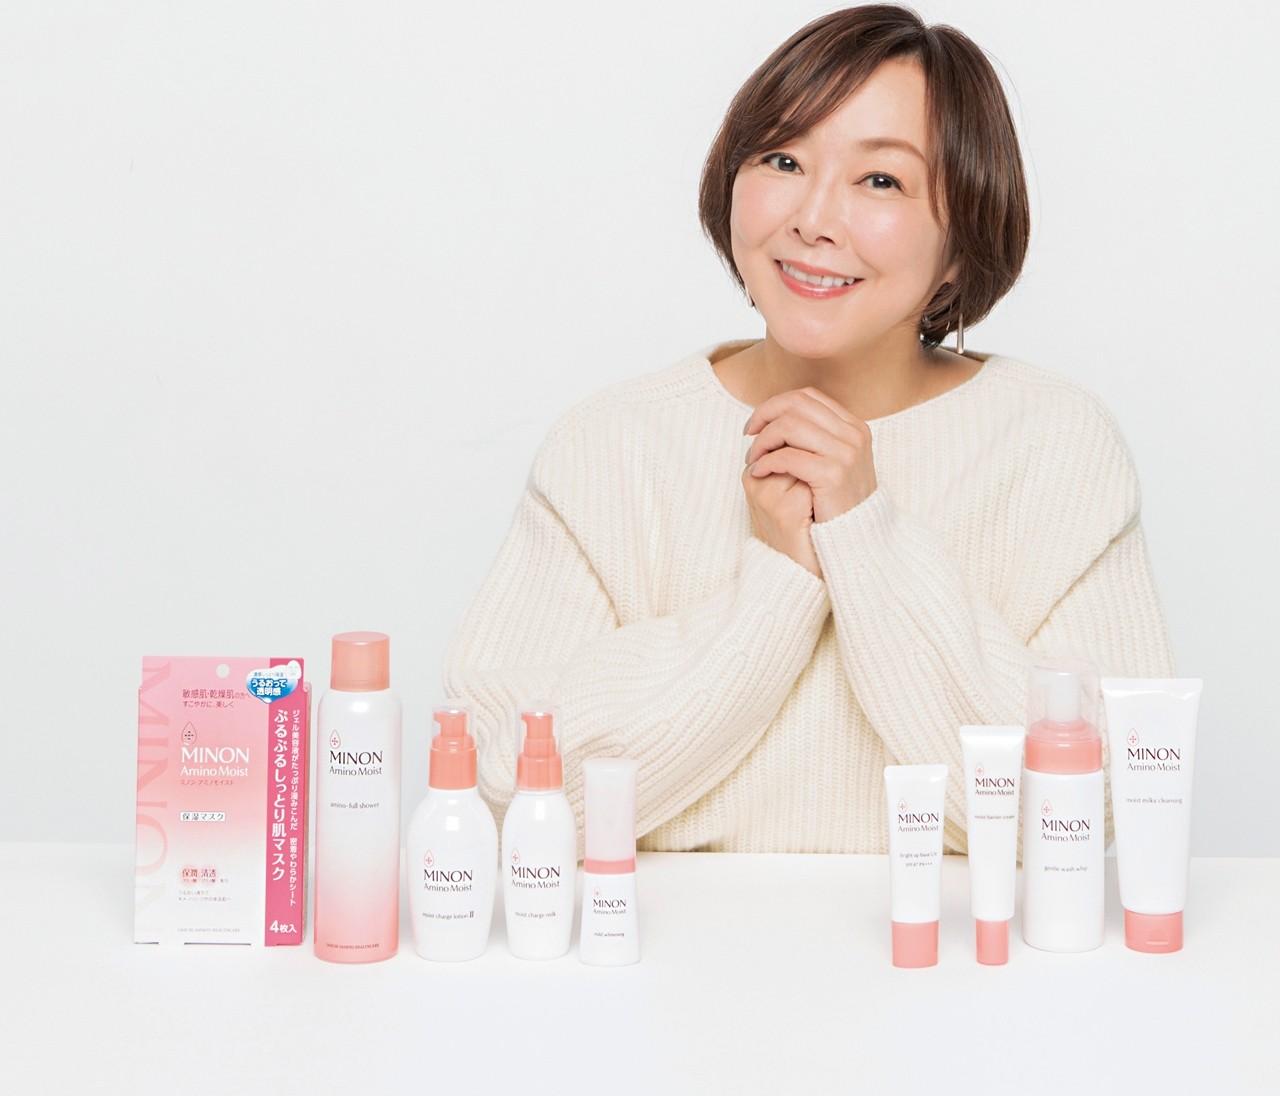 敏感肌の美肌センパイ小田ユイコさんが語る「スゴイぞ!ミノンアミノモイスト」